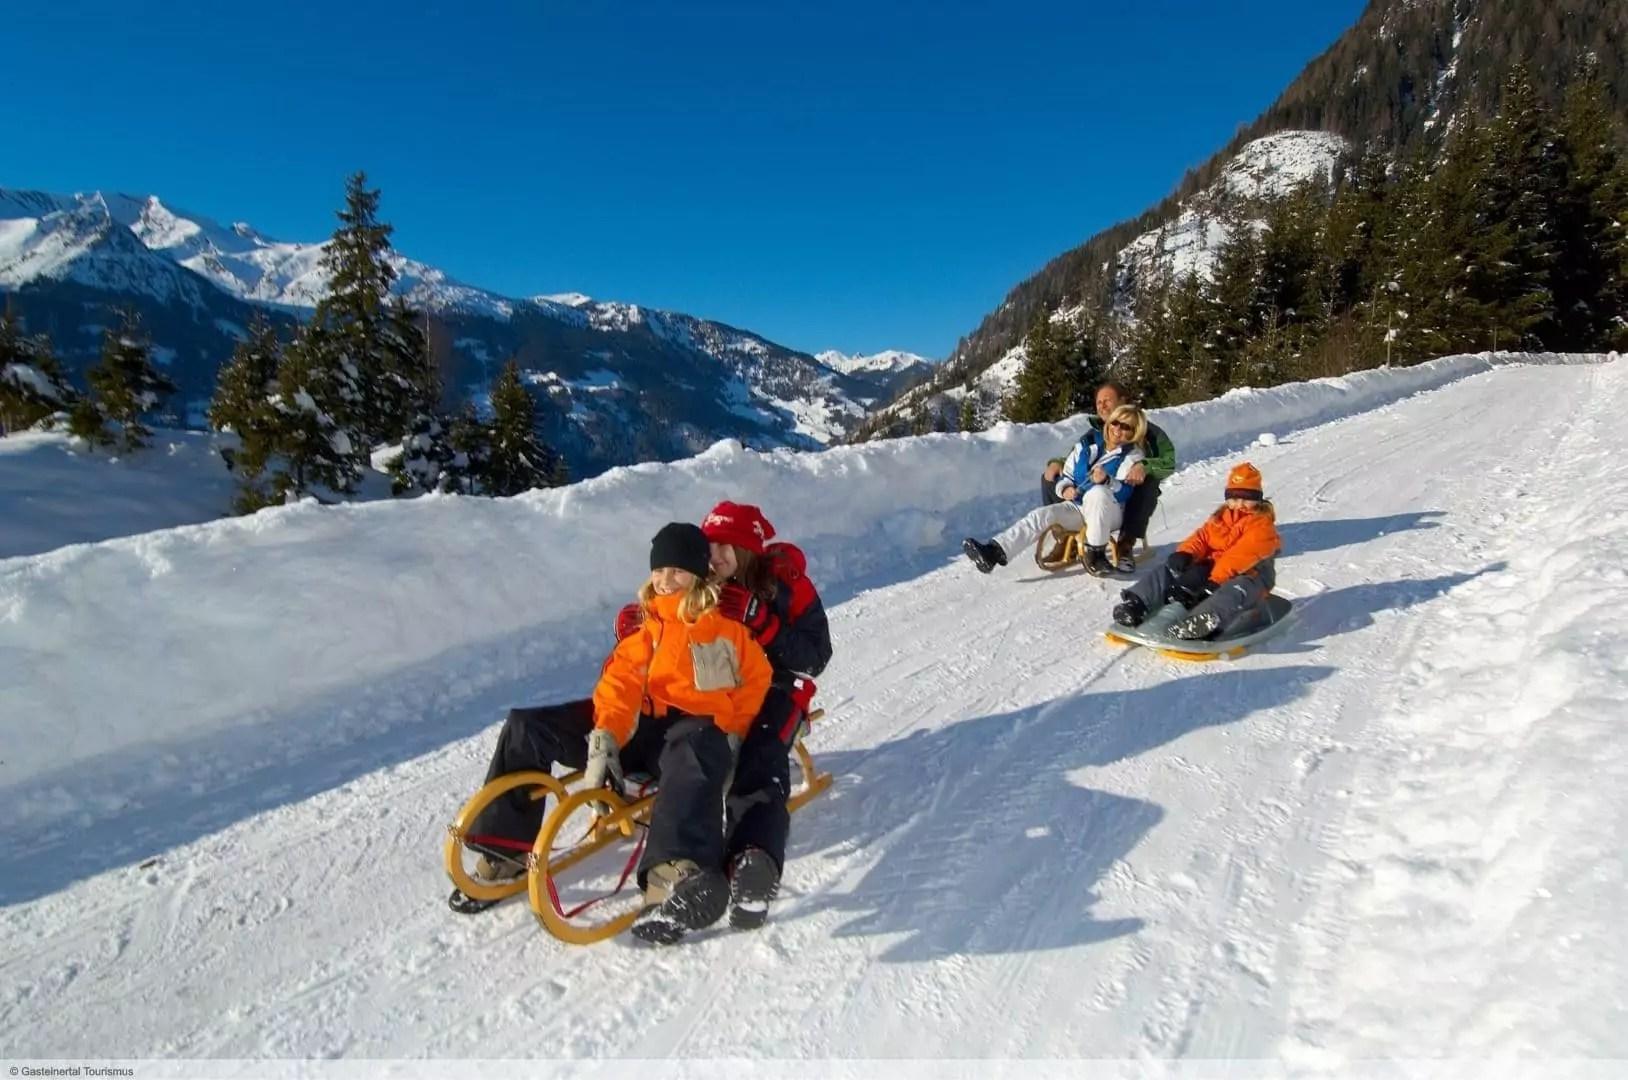 après-ski in Bad Gastein